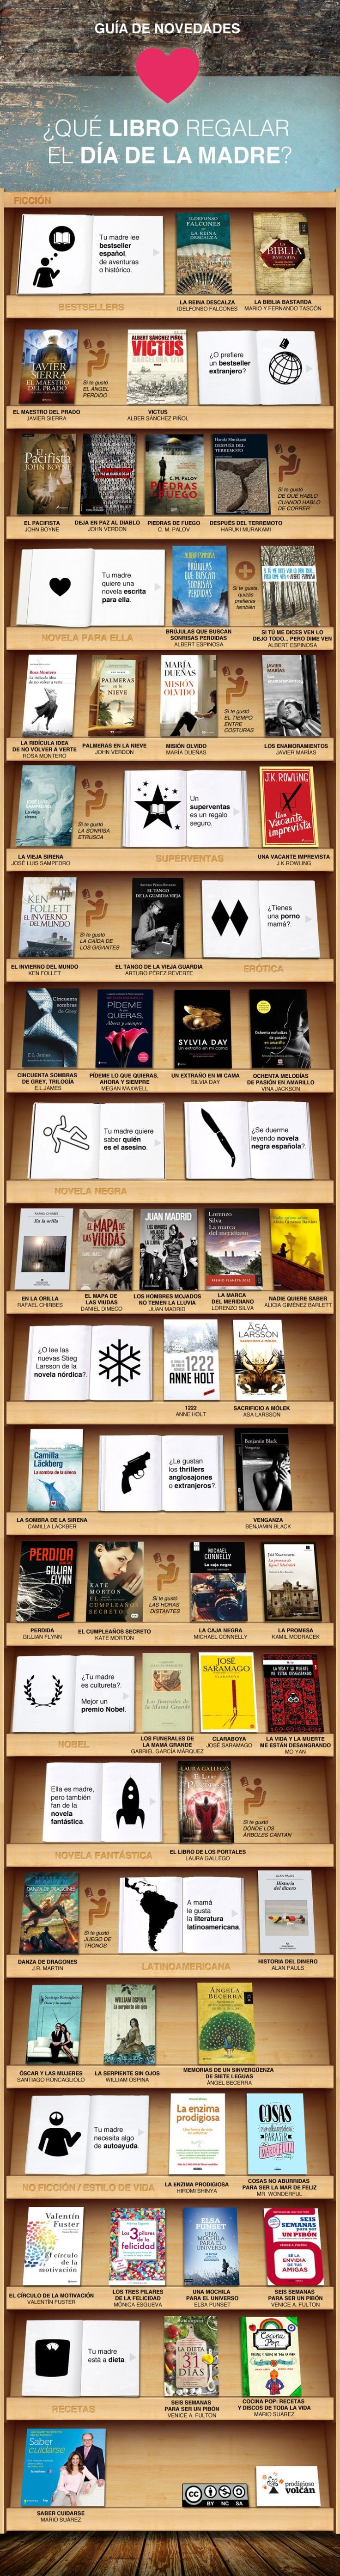 Qu libro regalar el d a de la madre infografia for Libros para regalar